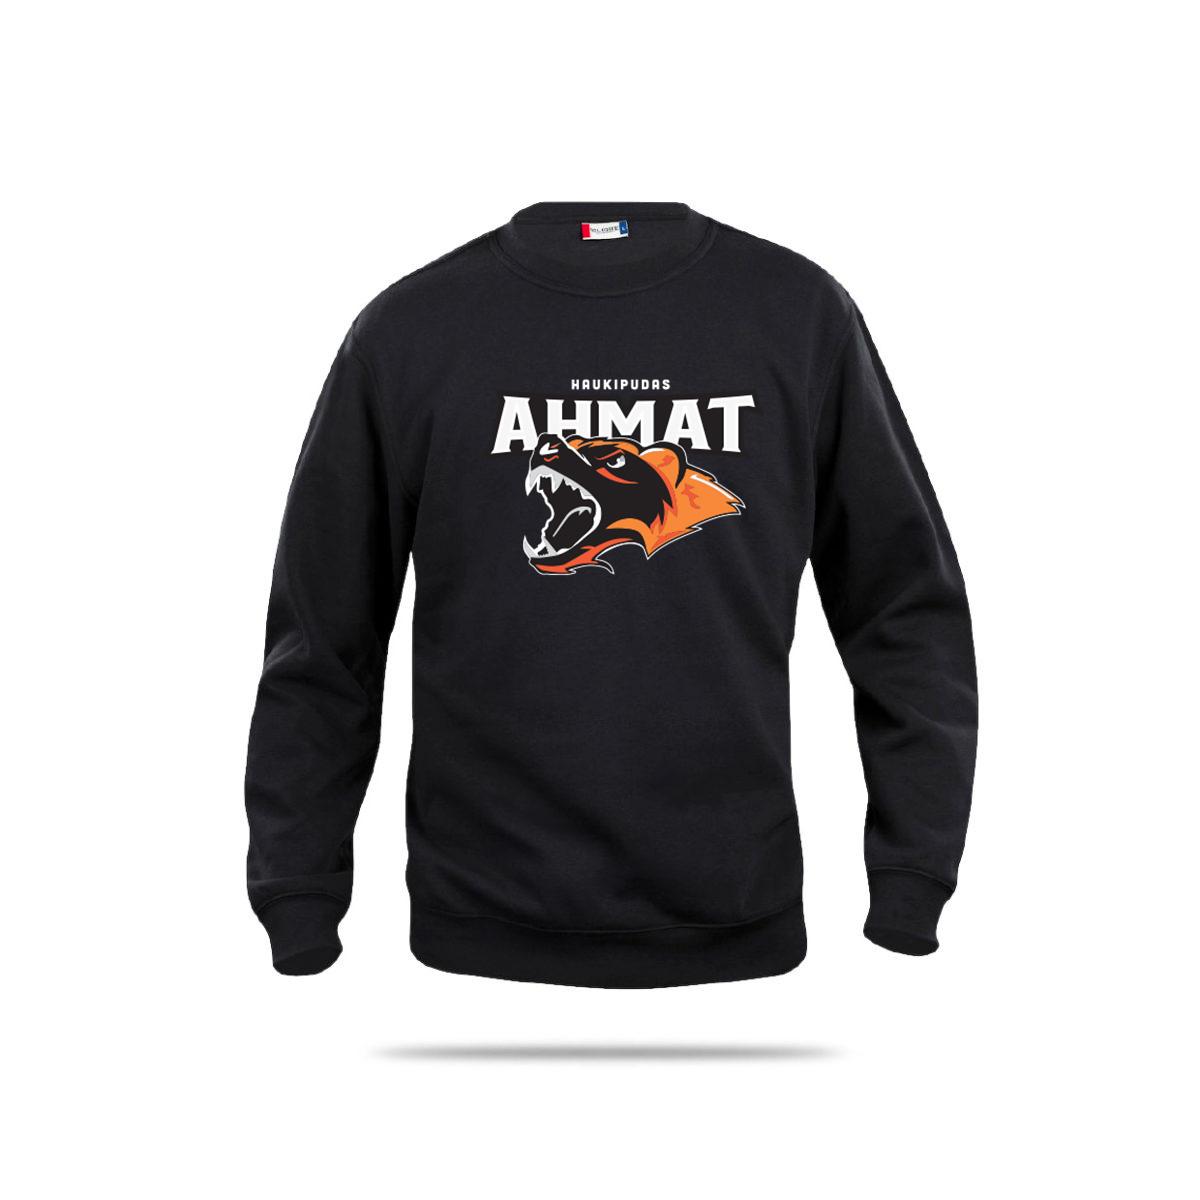 Ahmat-fani-3023-musta-original